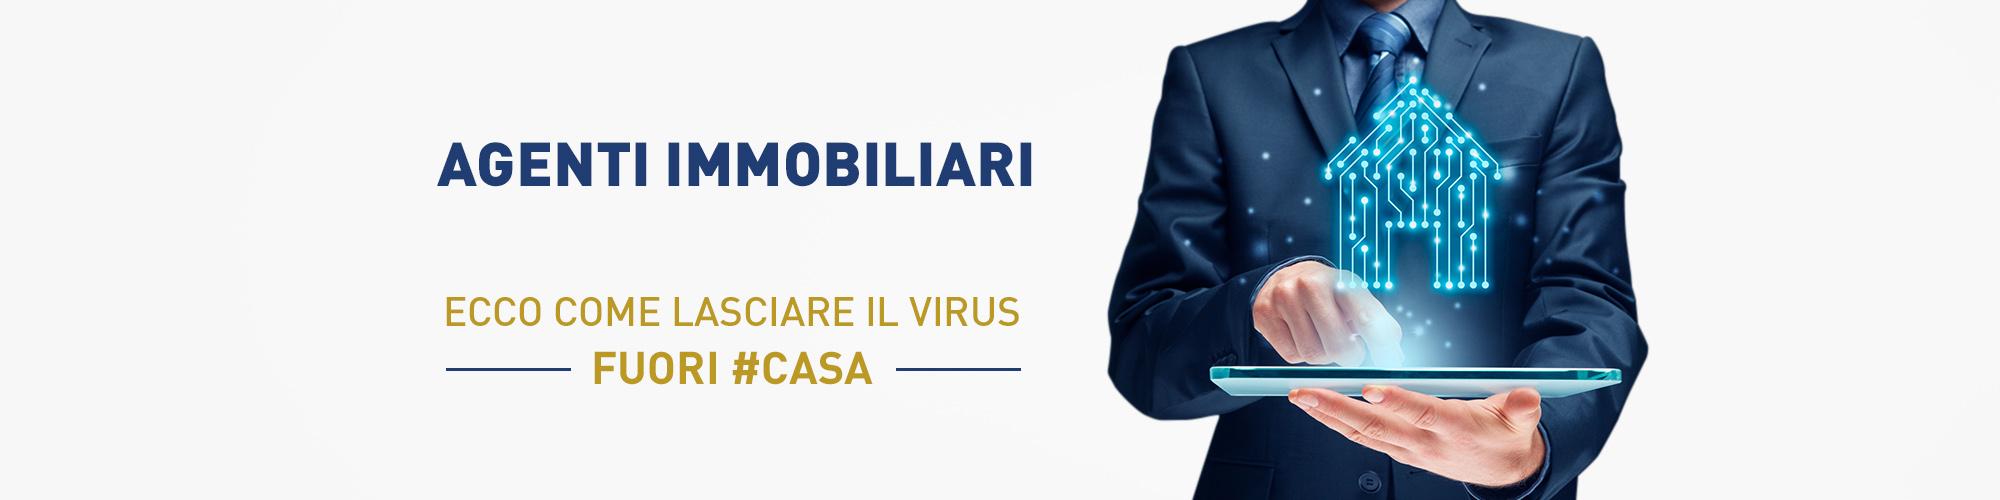 Servizi Per Agenti Immobiliari fiaip lascia il virus fuori di #casa, fallo anche tu! - fiaip